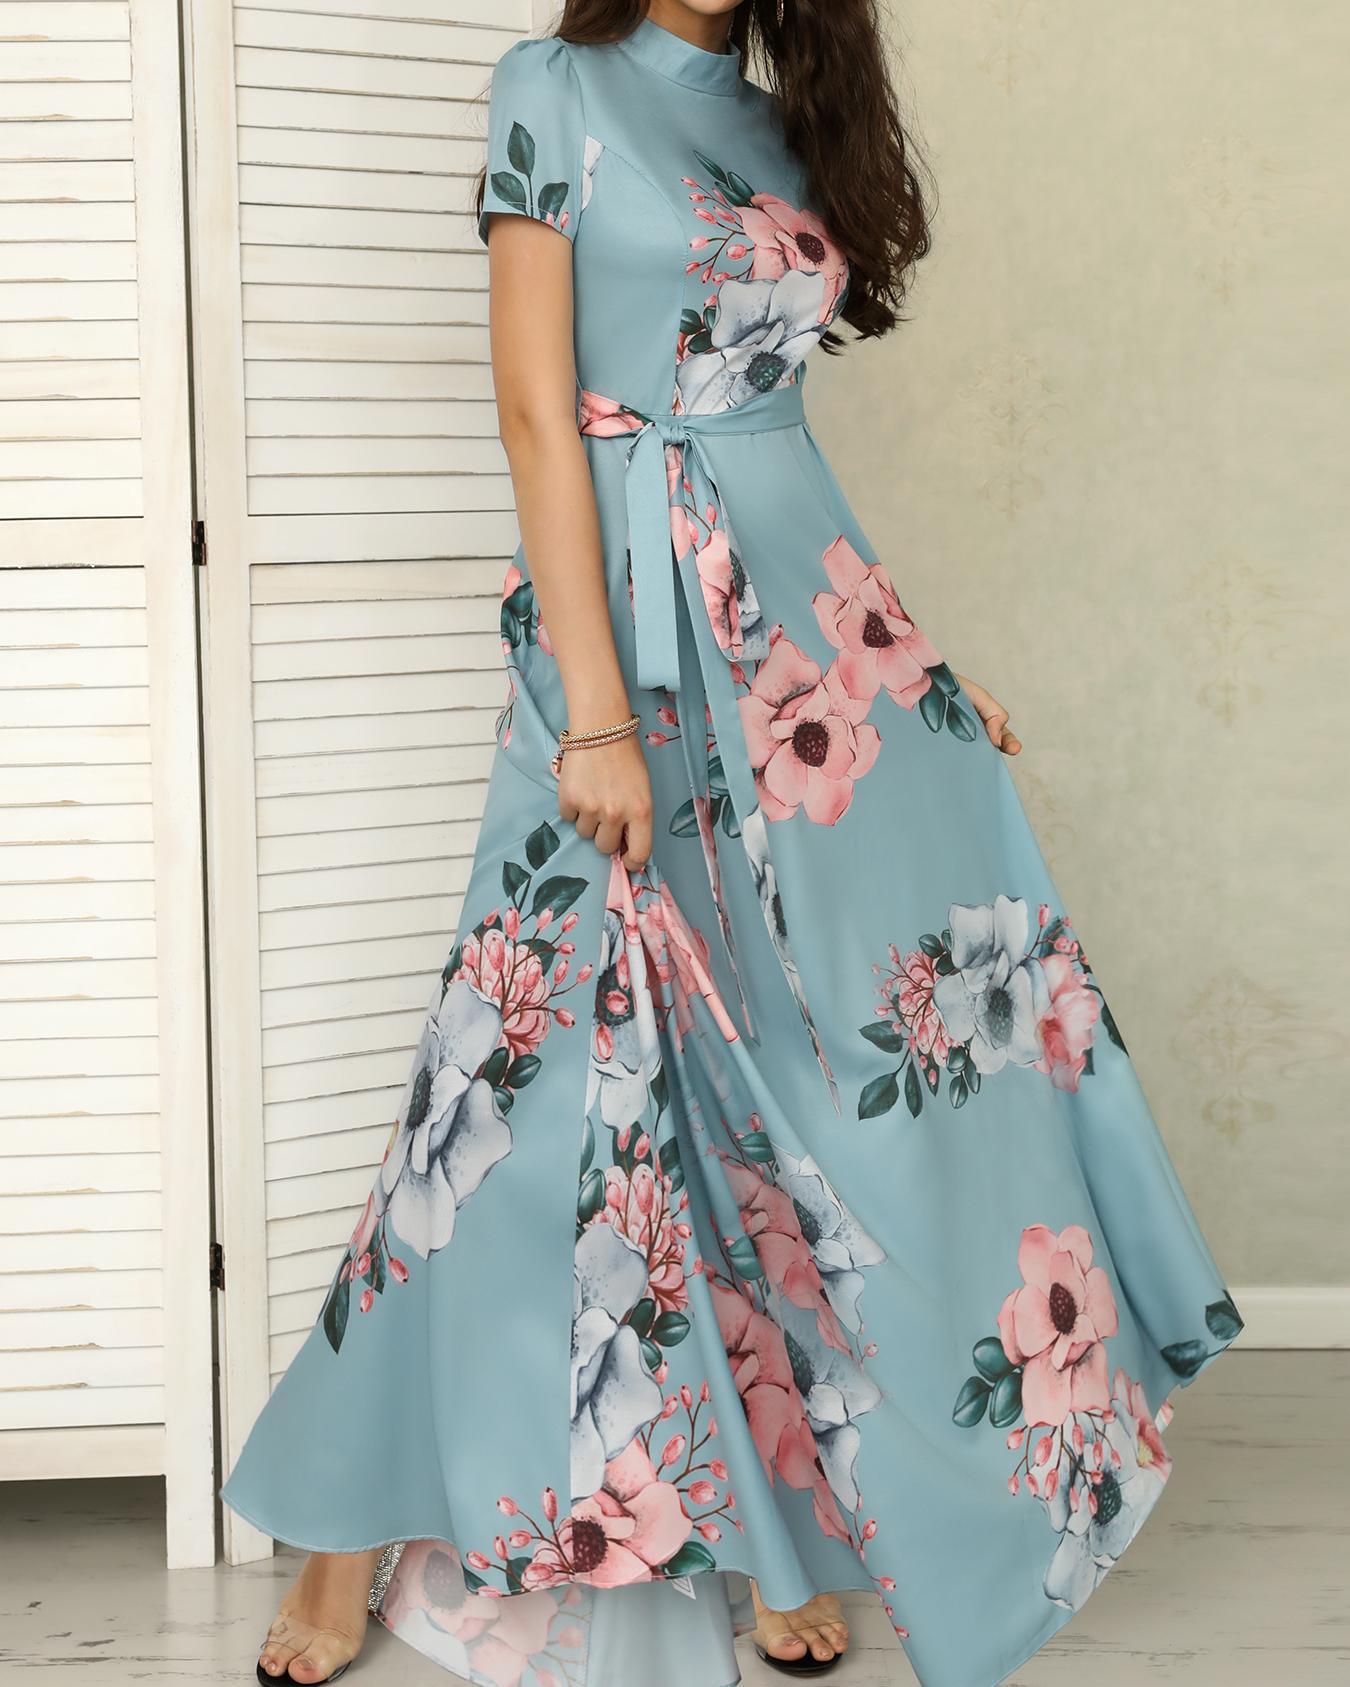 ivrose / Vestido maxi cintura estampada con estampado floral